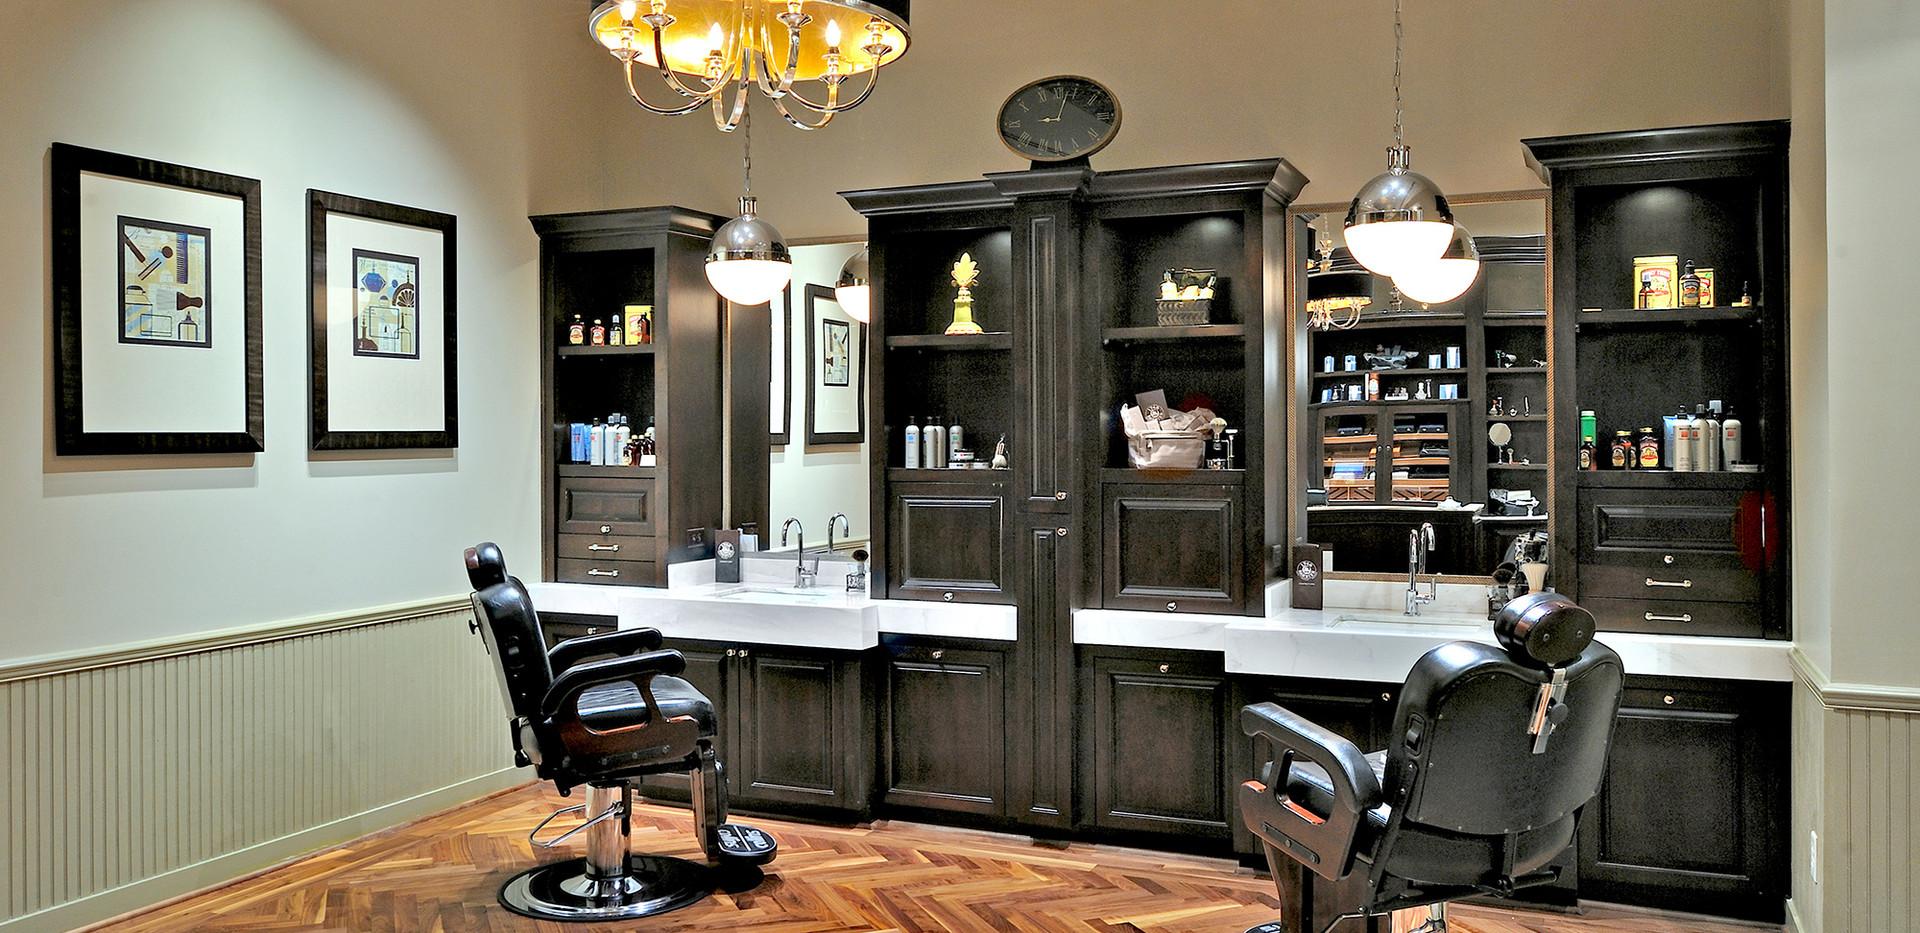 1740 Barber Shop